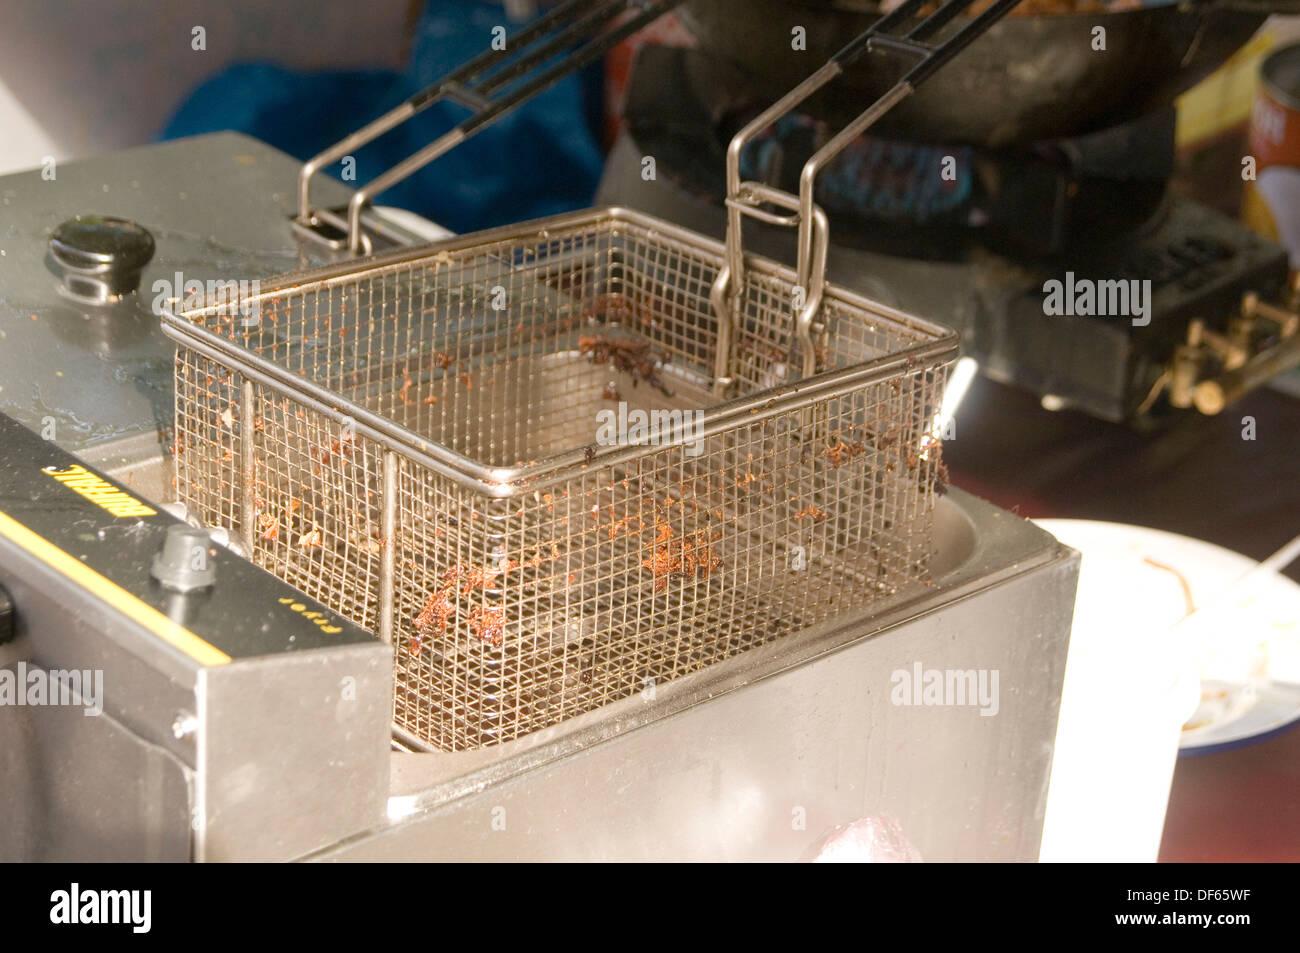 deep fried food fast fry vat basket foods chip chips baskets oil fat fryer fryers fryalator frialator flying in Stock Photo